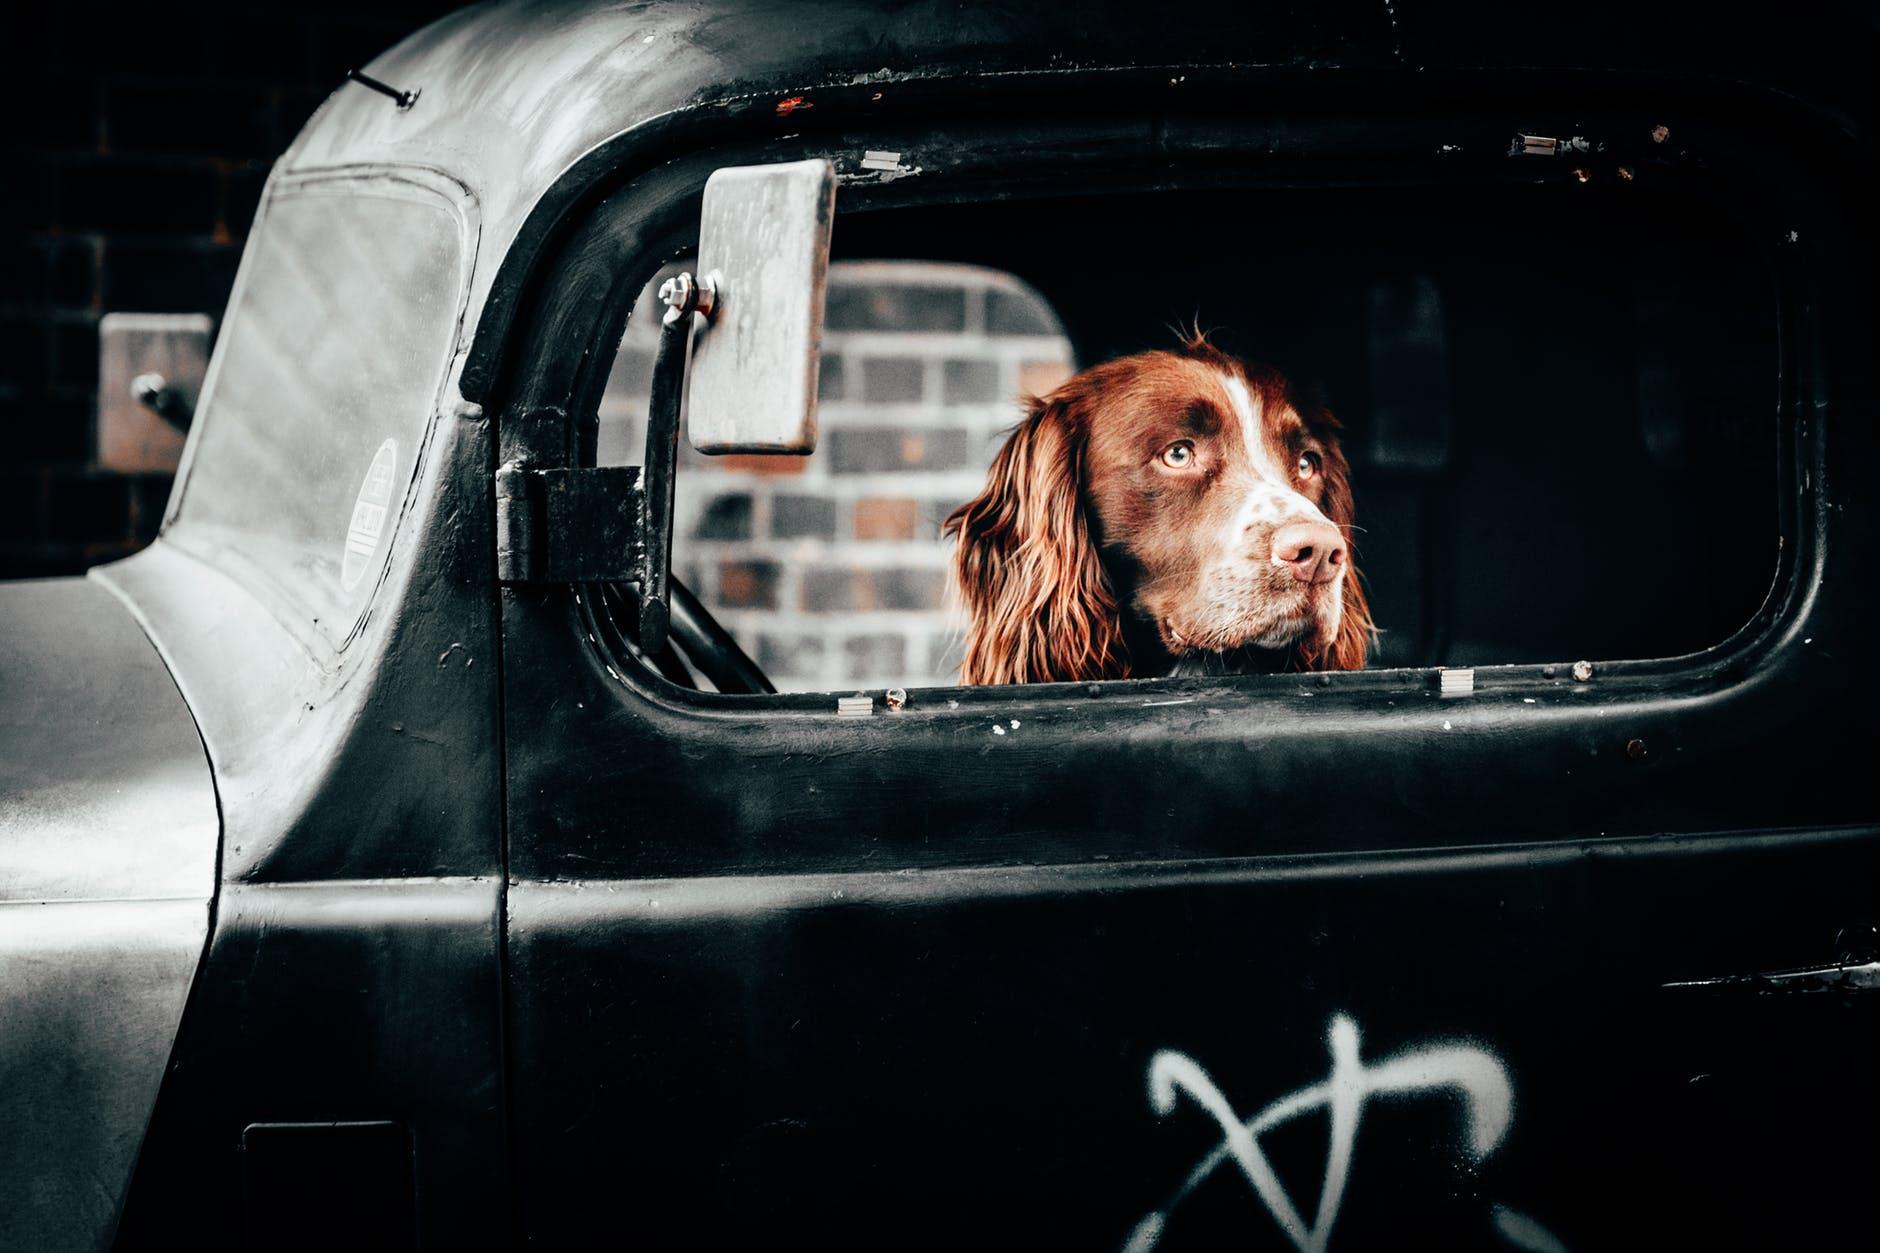 dog inside vehicle